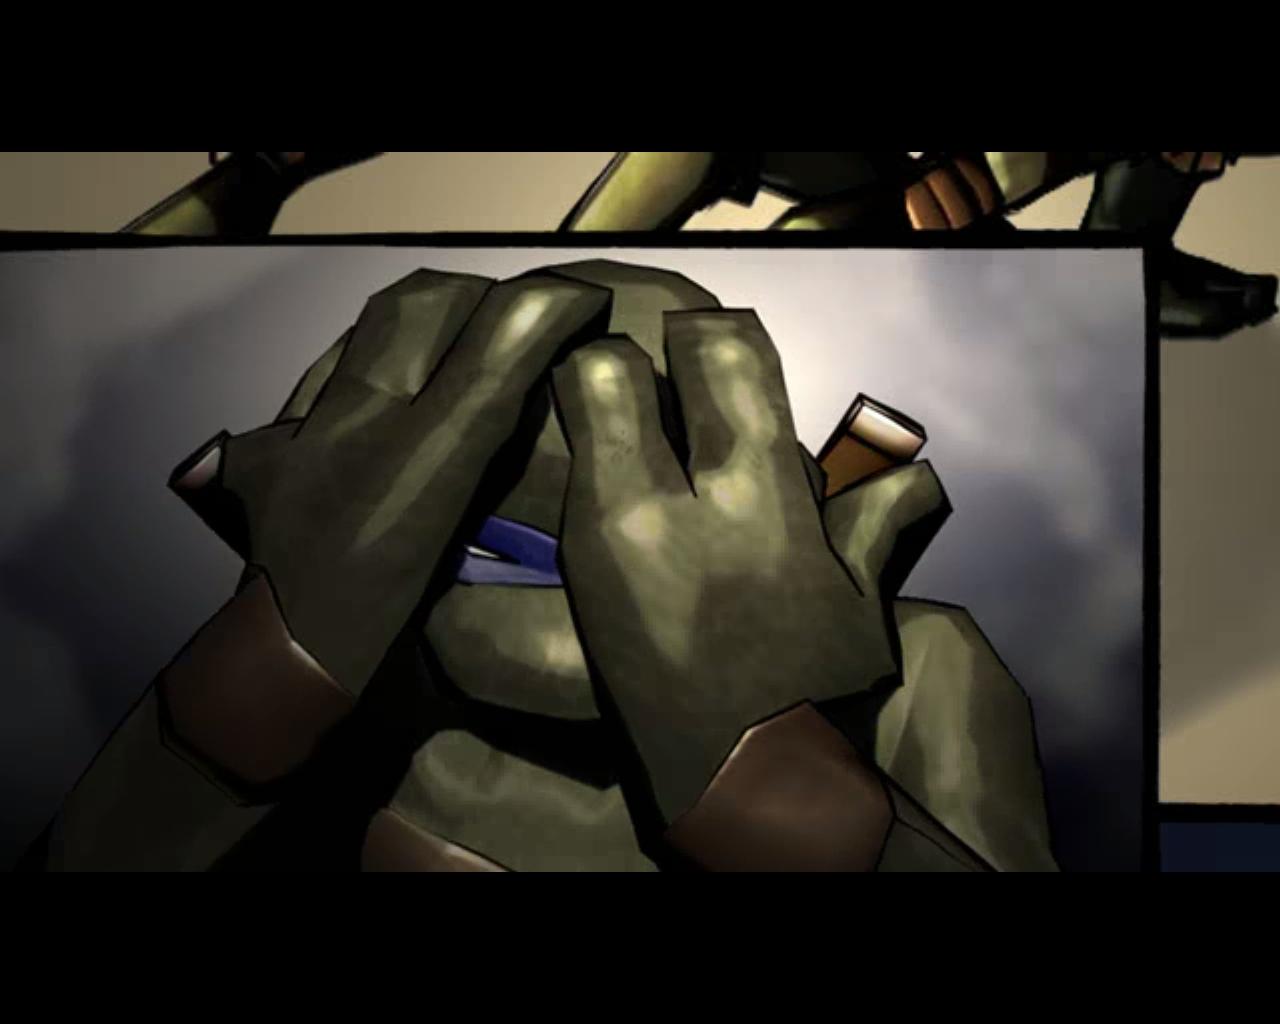 леонардо - Teenage Mutant Ninja Turtles: Video Game